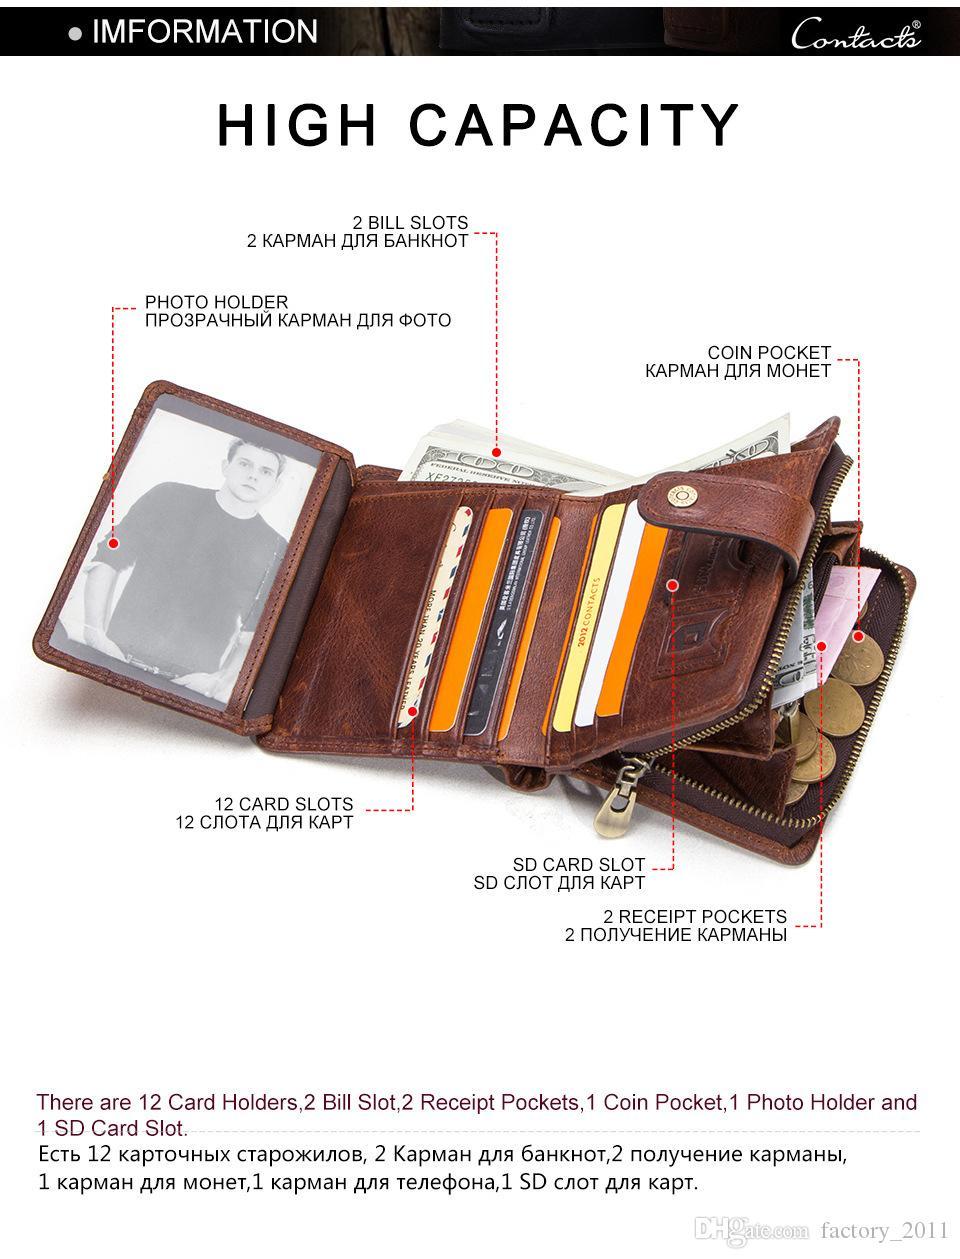 정품 가죽 RFID 남성 지갑 짧은 동전 지갑 작은 걸쇠 지갑 Partmon 남성 짧은 지갑 남성 고품질 Cuzdan 크리스마스 선물 M1280